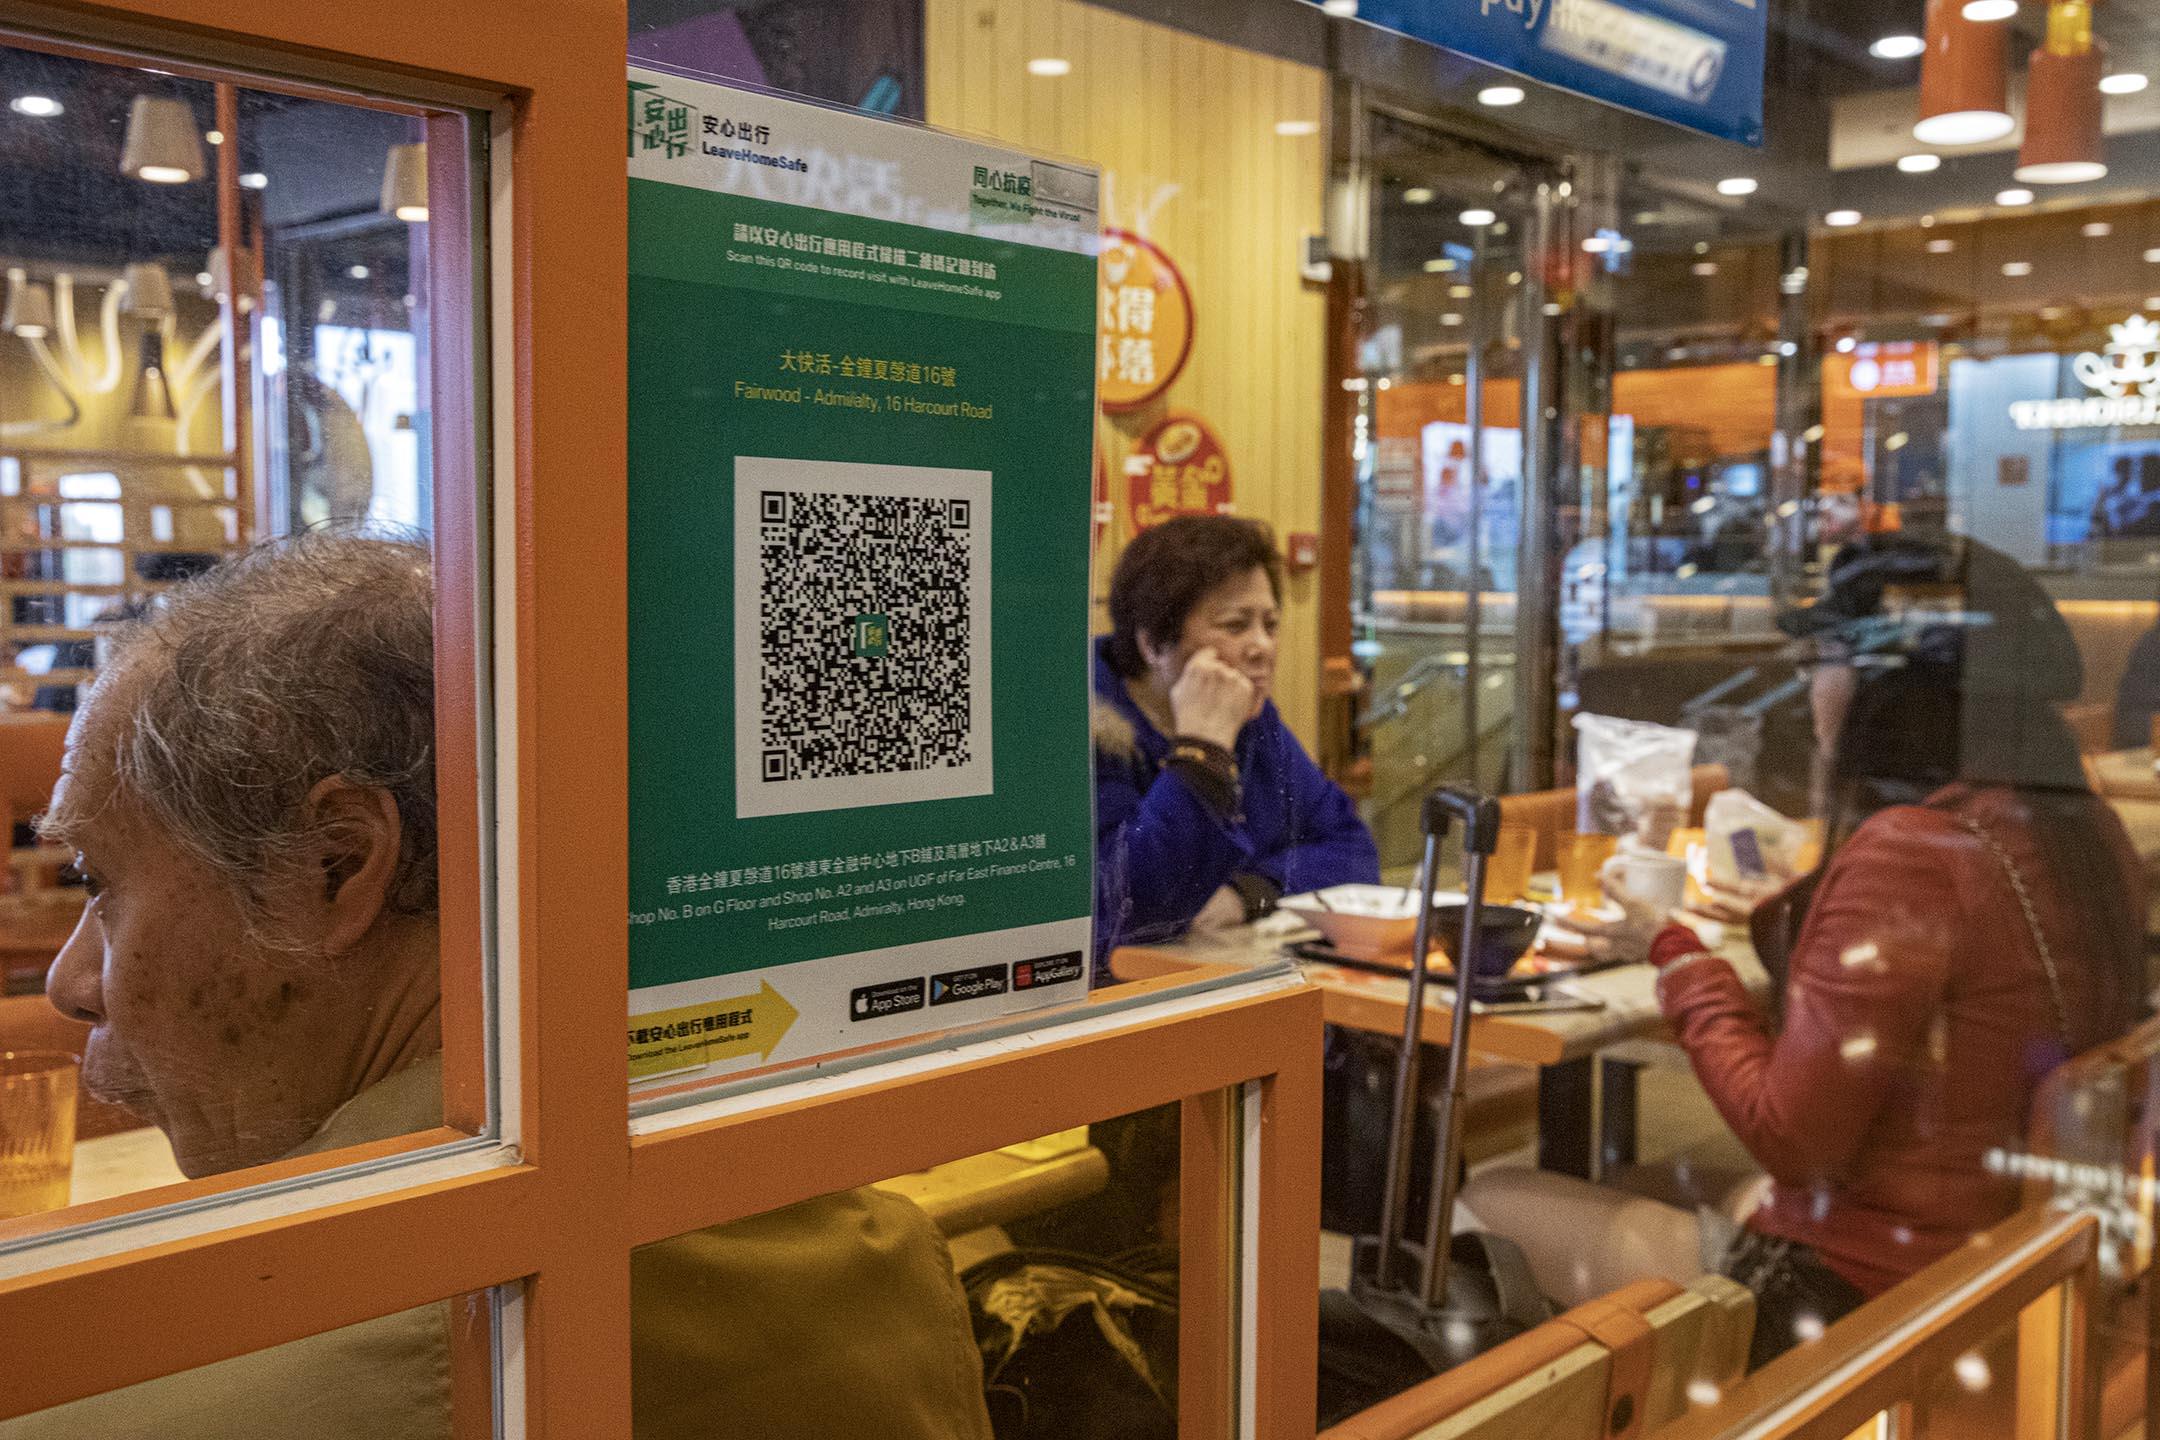 2021年2月19日香港,一間快餐店外貼上安心出行的二維碼。 攝:陳焯煇/端傳媒